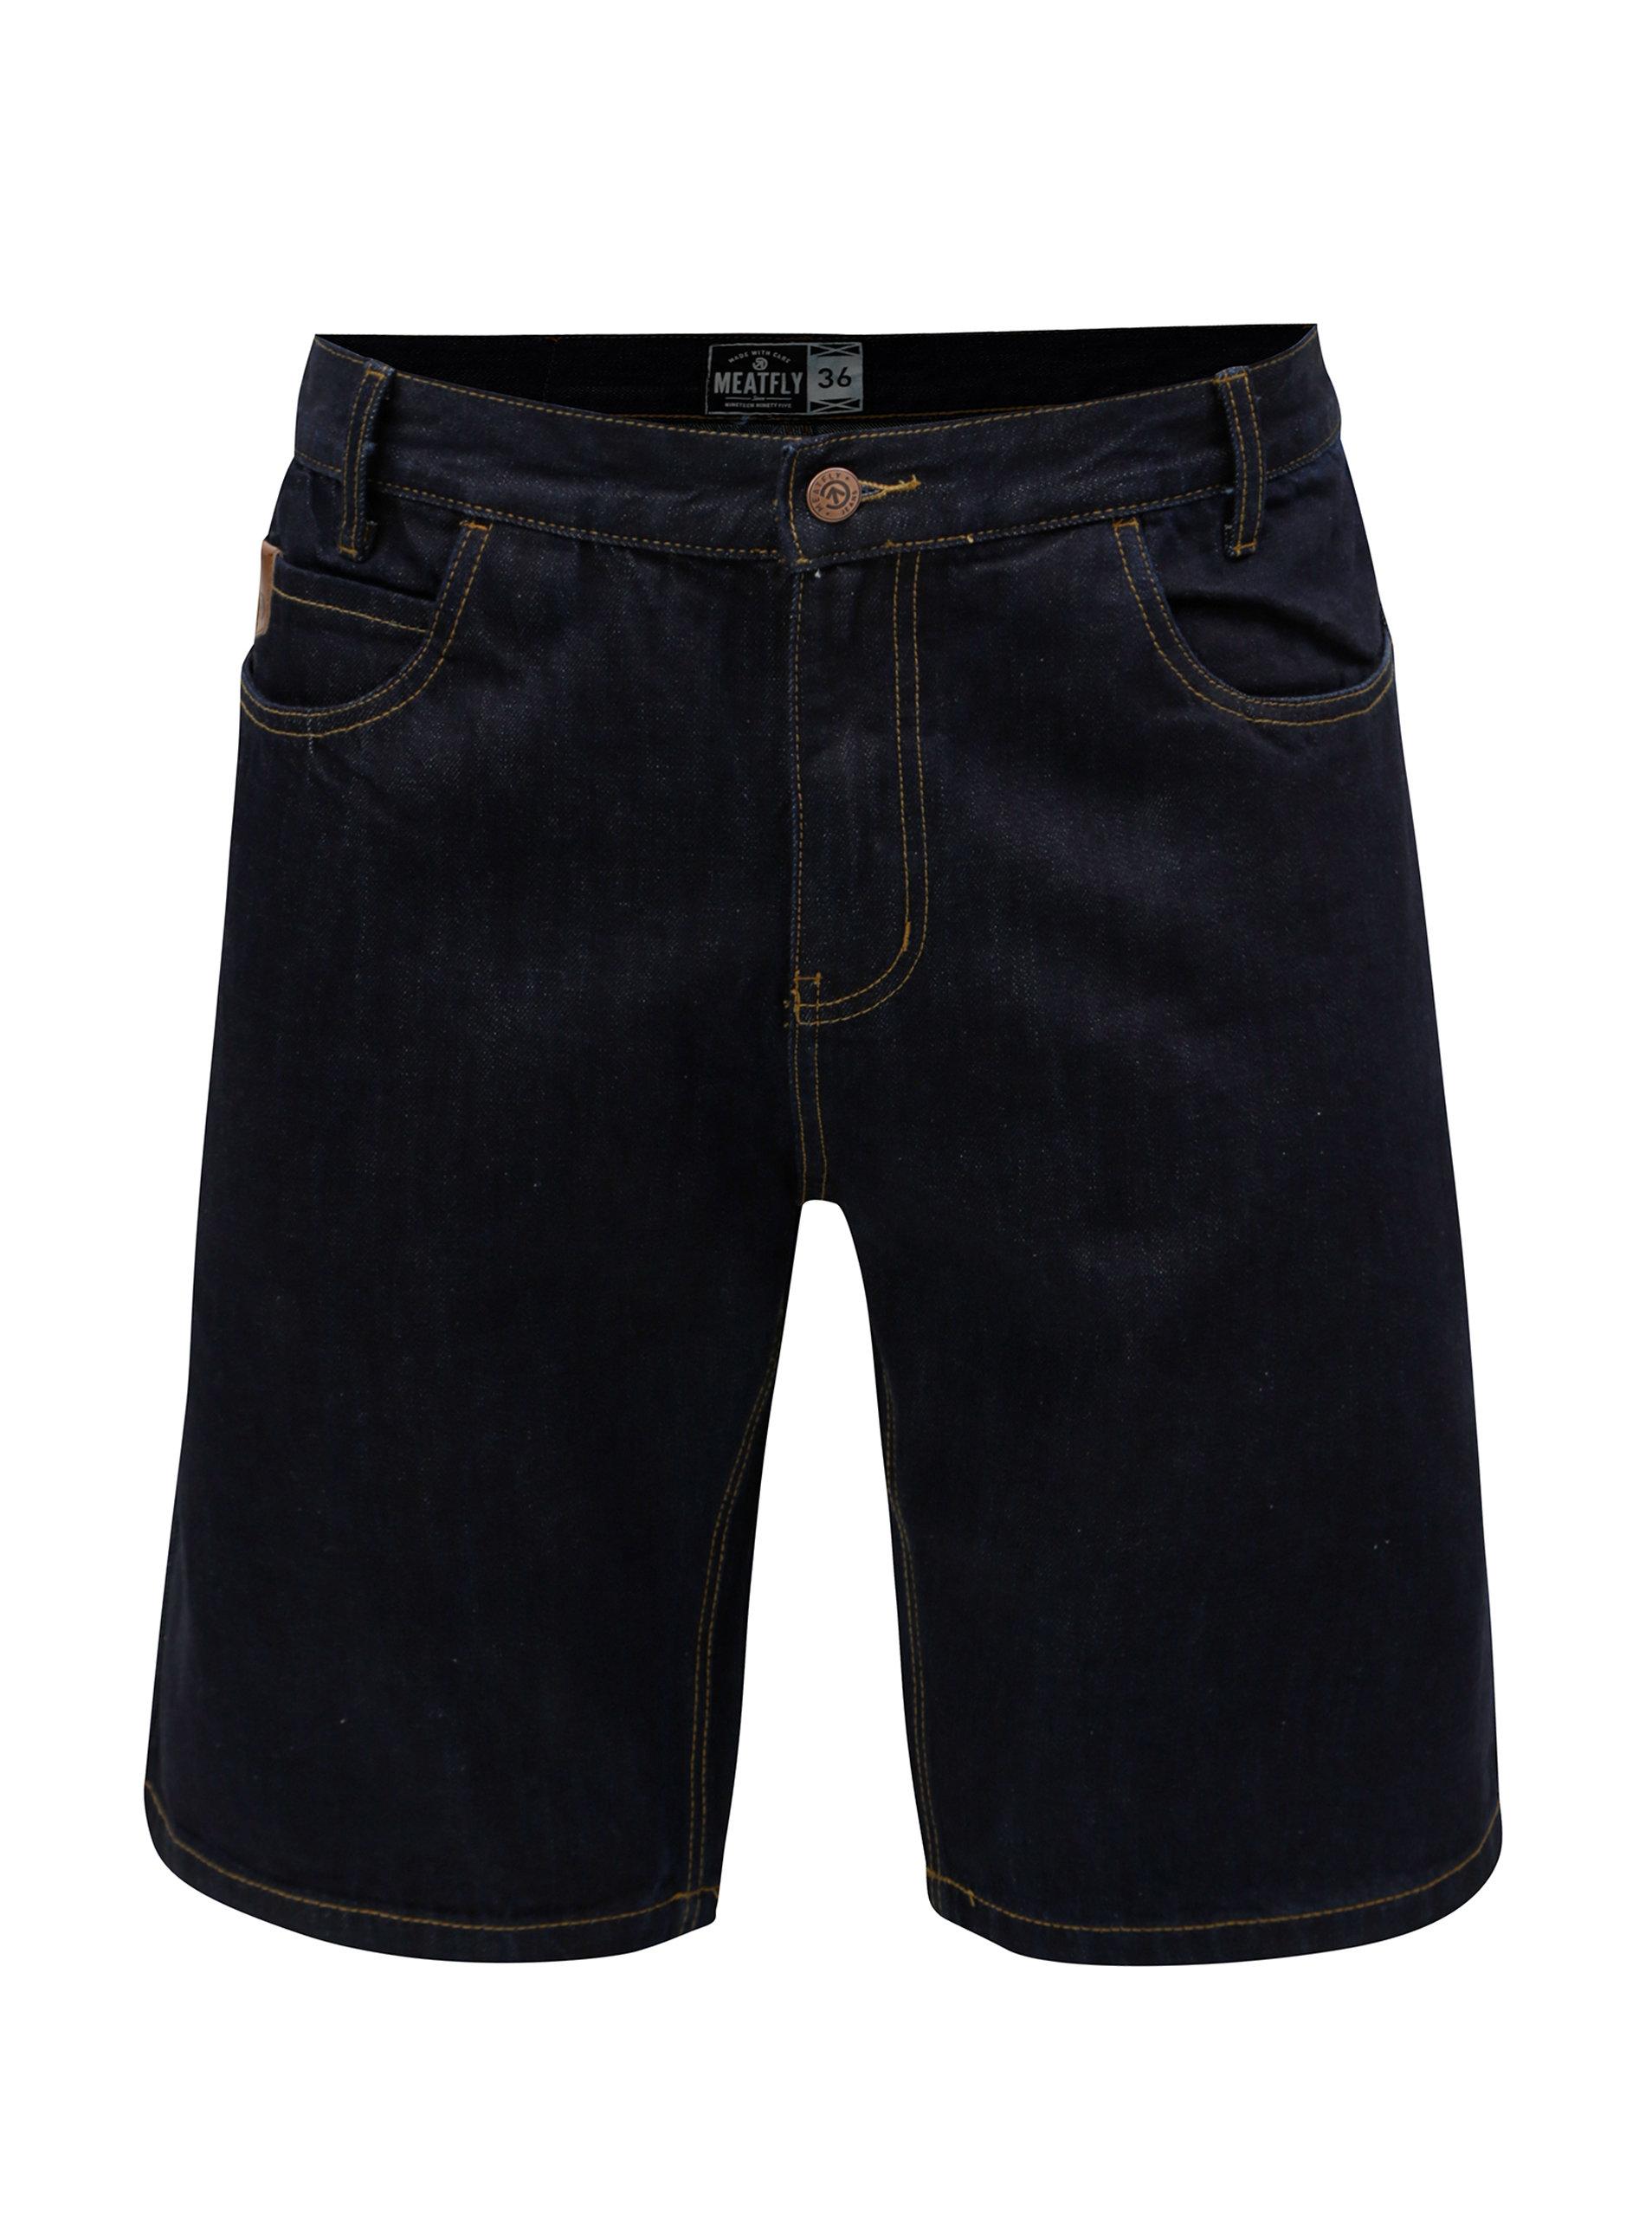 Tmavě modré pánské džínové kraťasy MEATFLY Just ... fe23fc69db